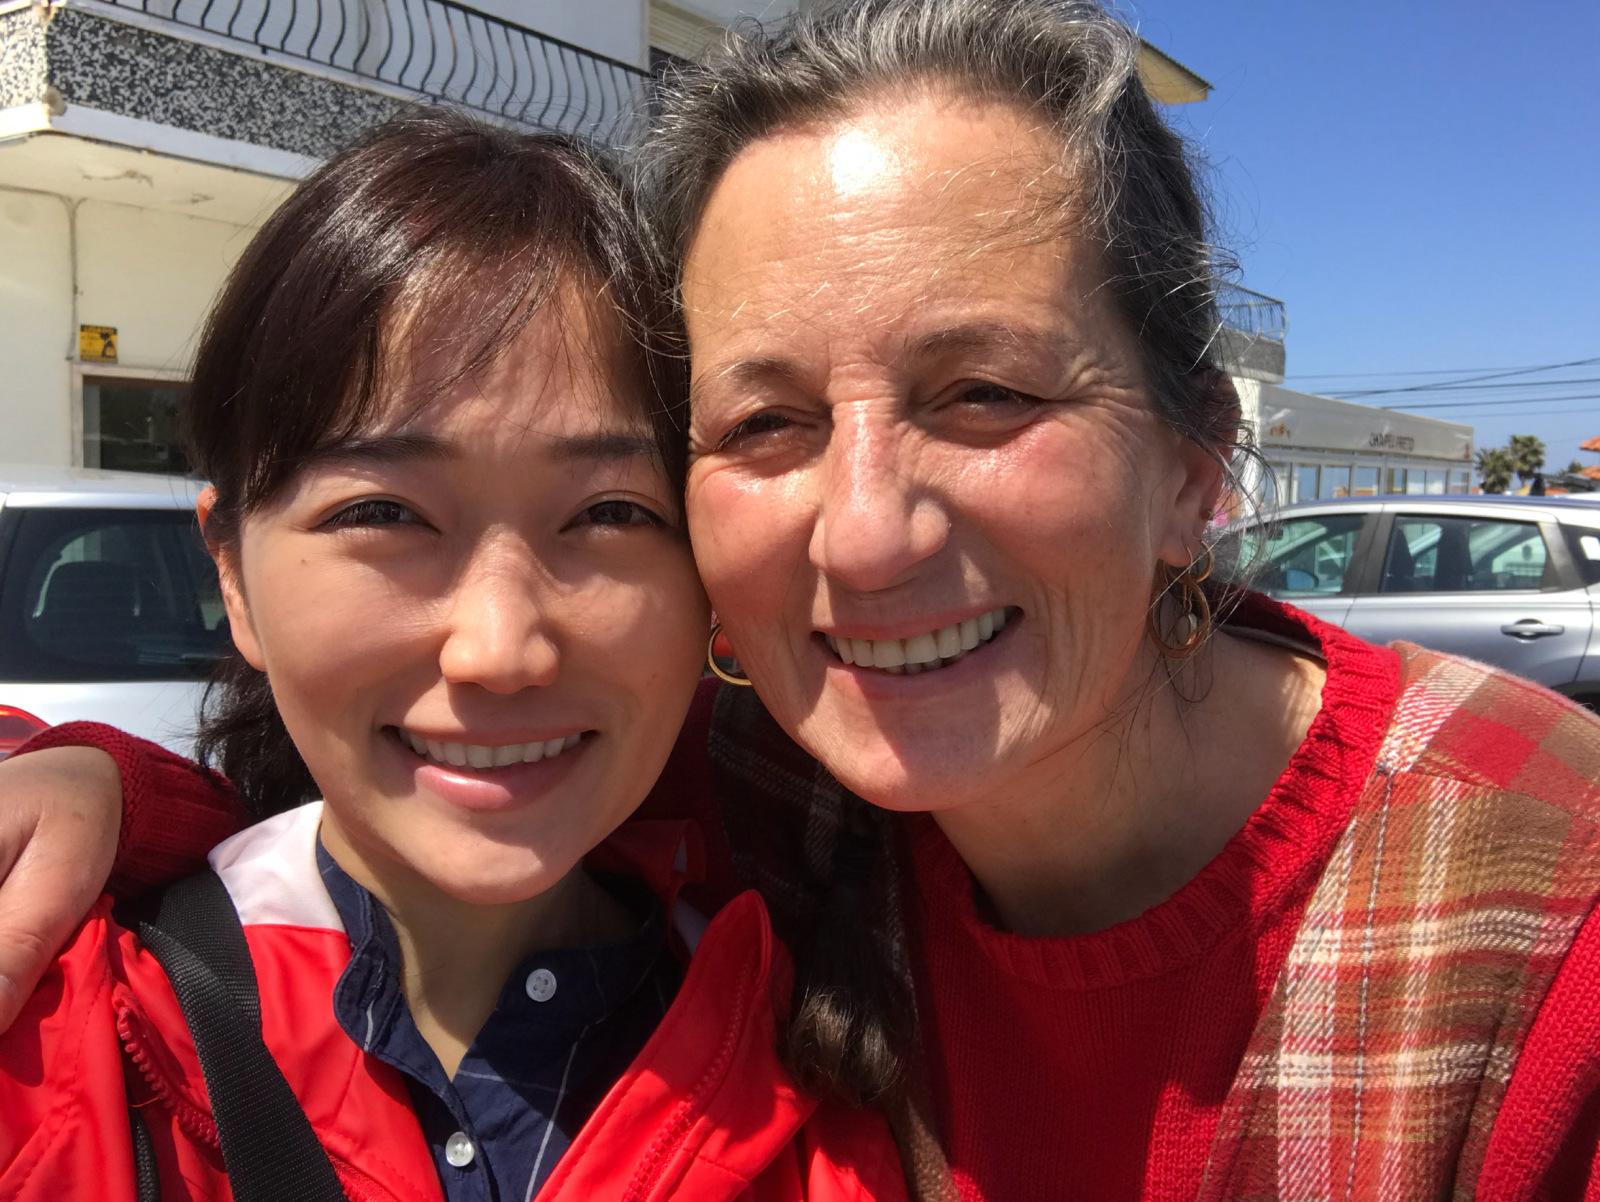 大塚さんがポルトガルでボランティアをしていた際、お世話になった女性と一緒に映った写真